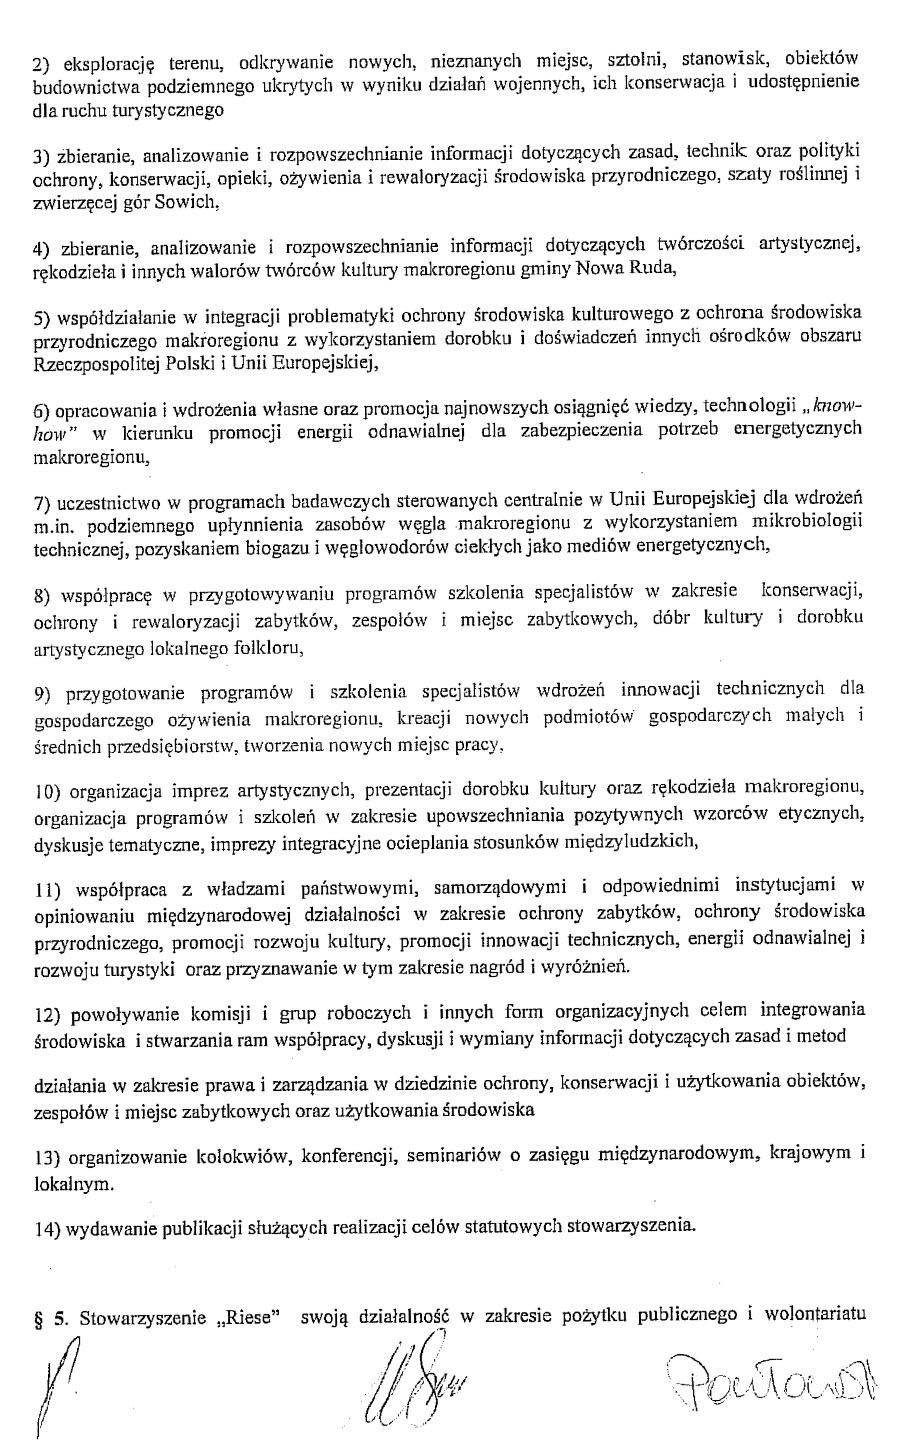 RIESE_Statut-3